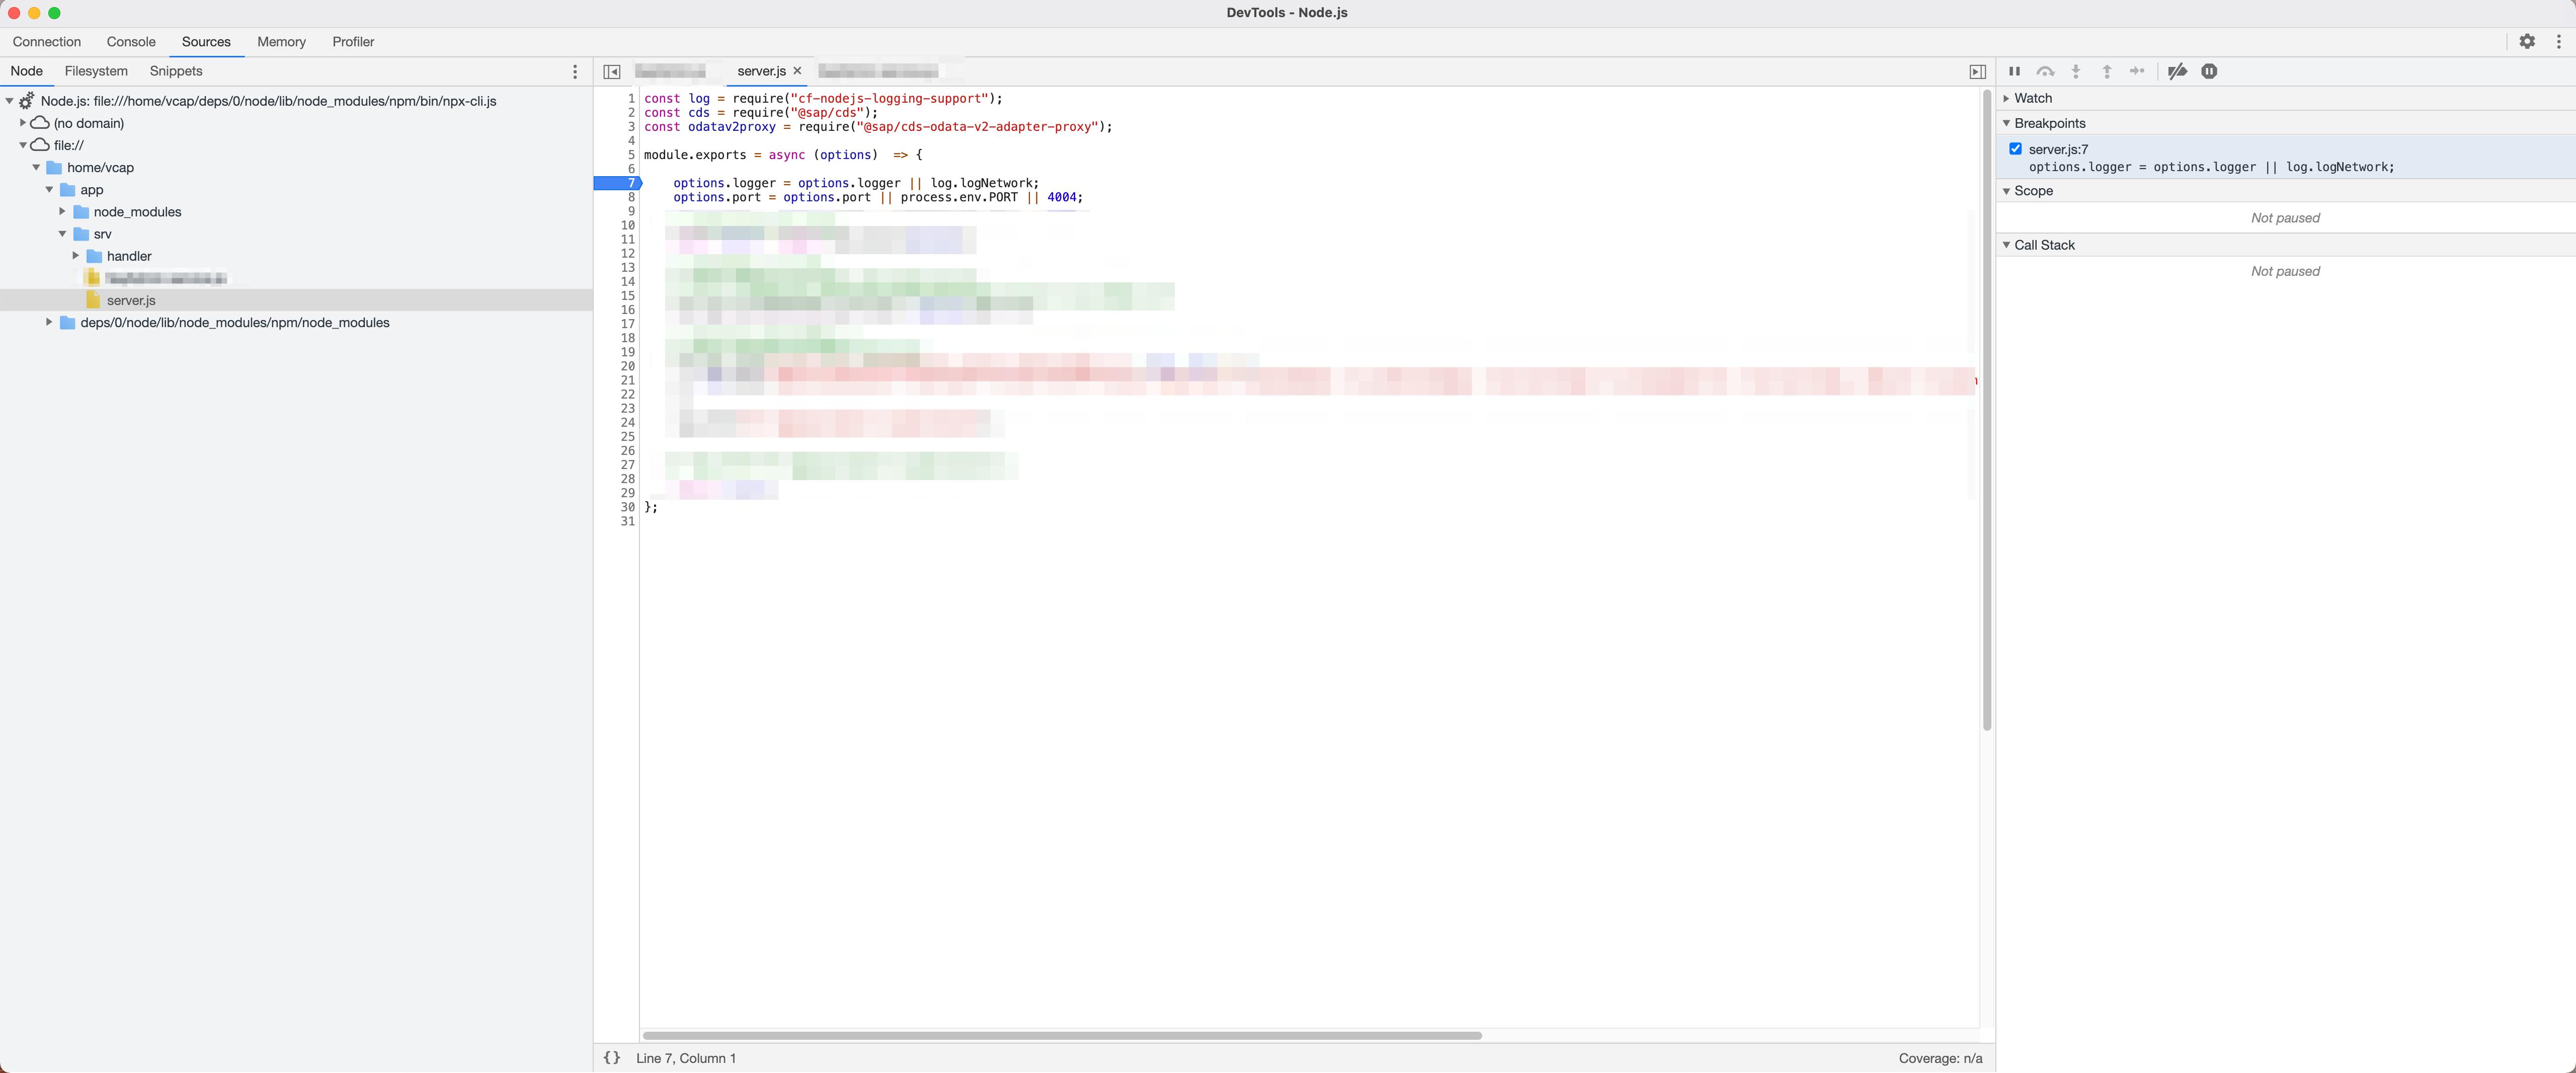 Chrome Debugger Sources Panel